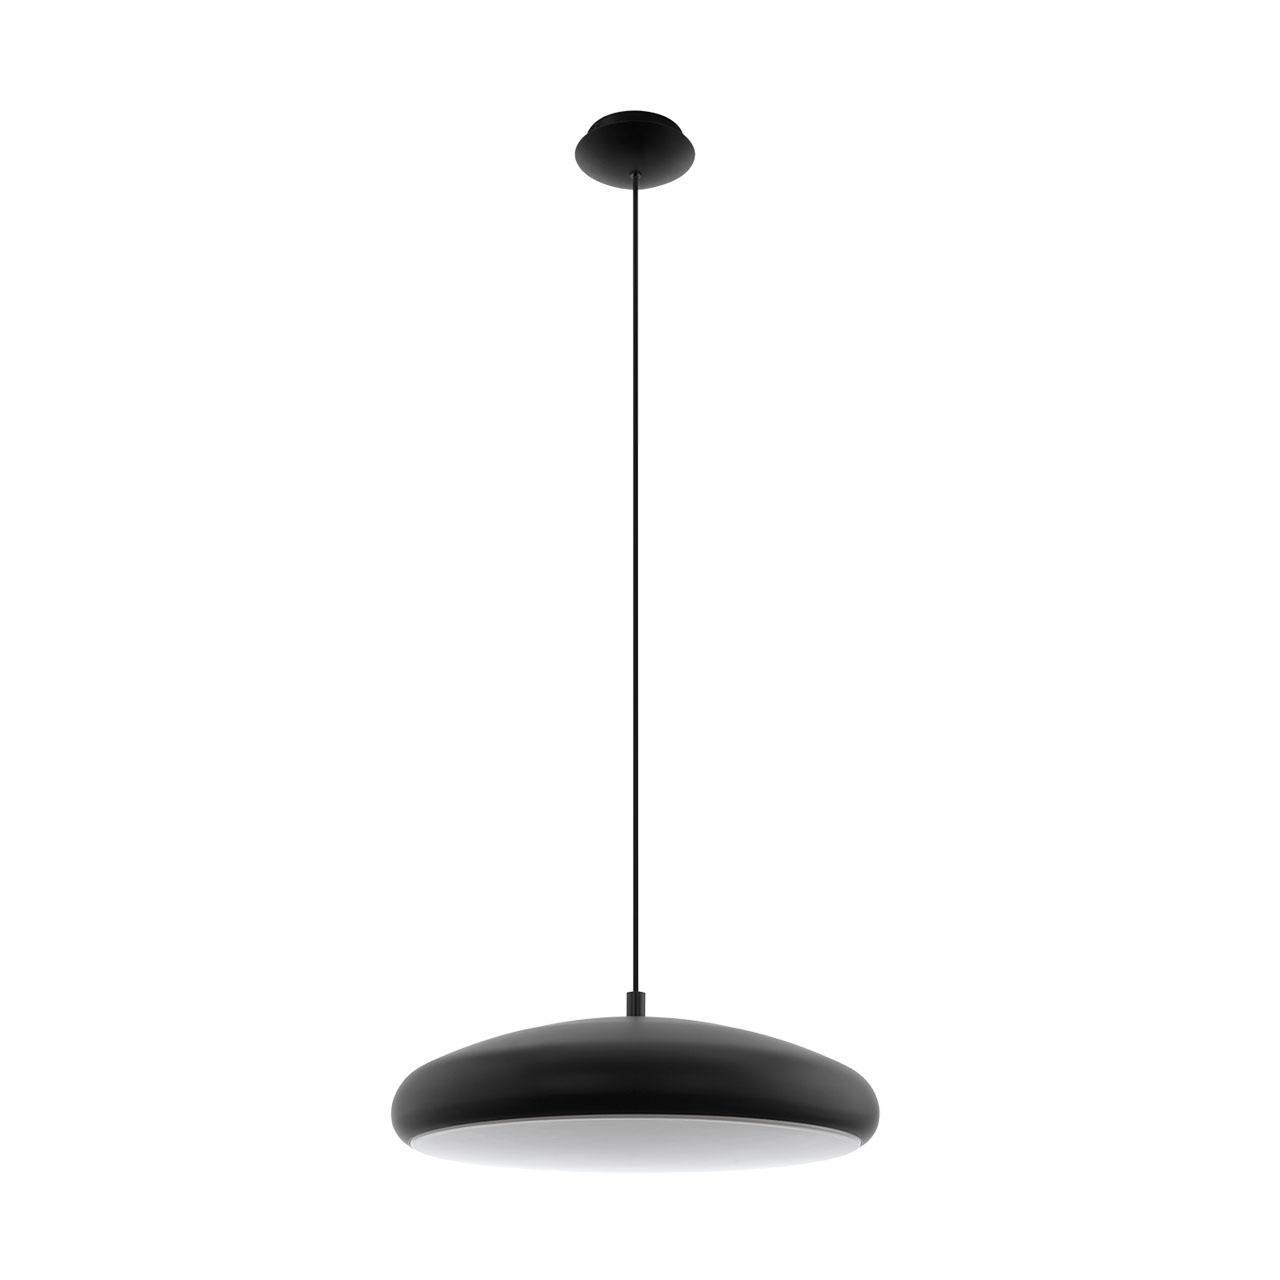 Подвесной светодиодный светильник Eglo Riodeva-C 96997 потолочный светодиодный светильник eglo riodeva c 96996